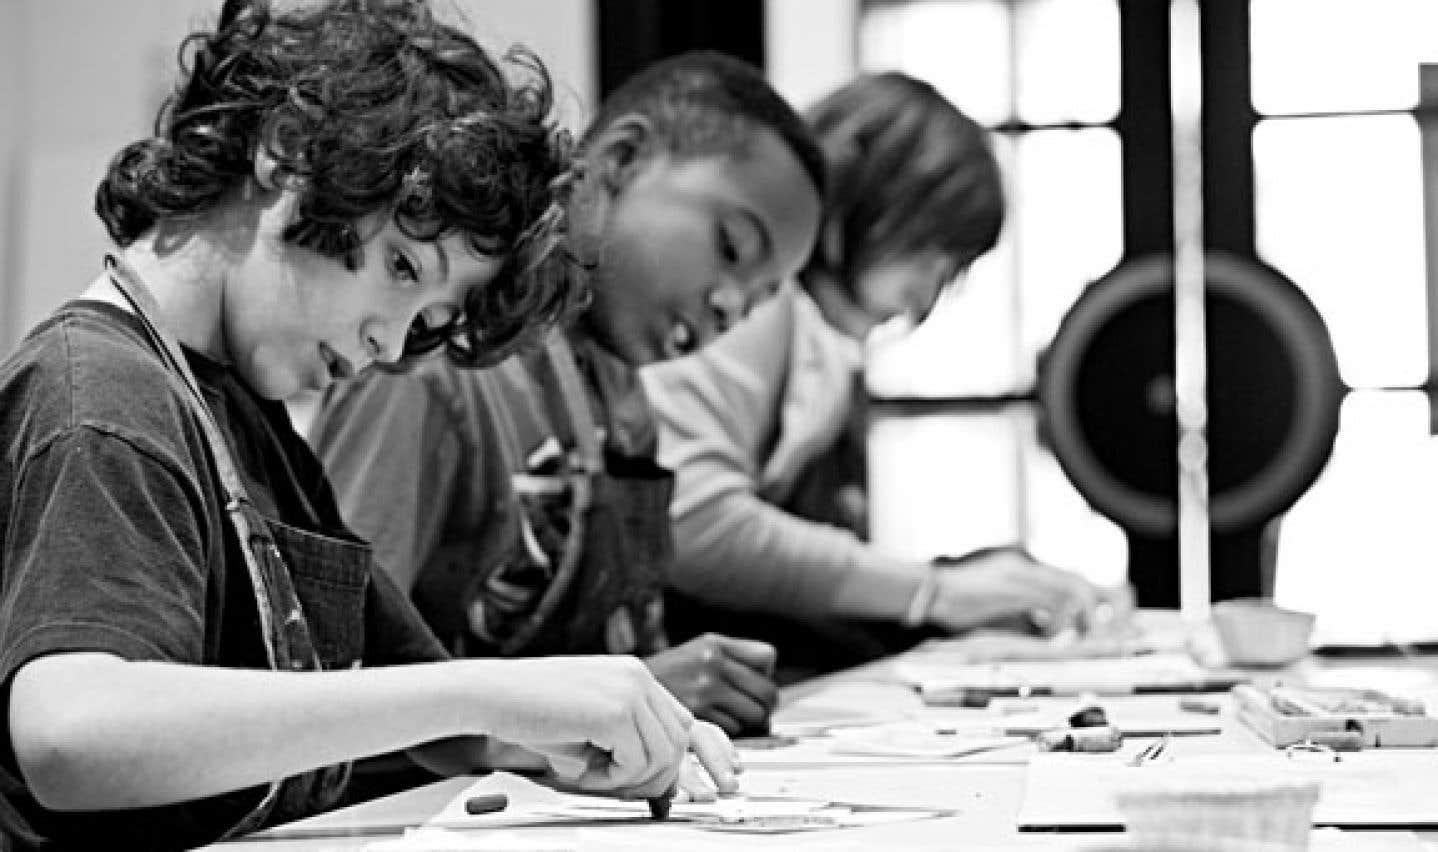 Les Studios art et éducation rénovés du MBAM devraient permettre à l'établissement d'accueillir 100000 écoliers d'ici 2017.